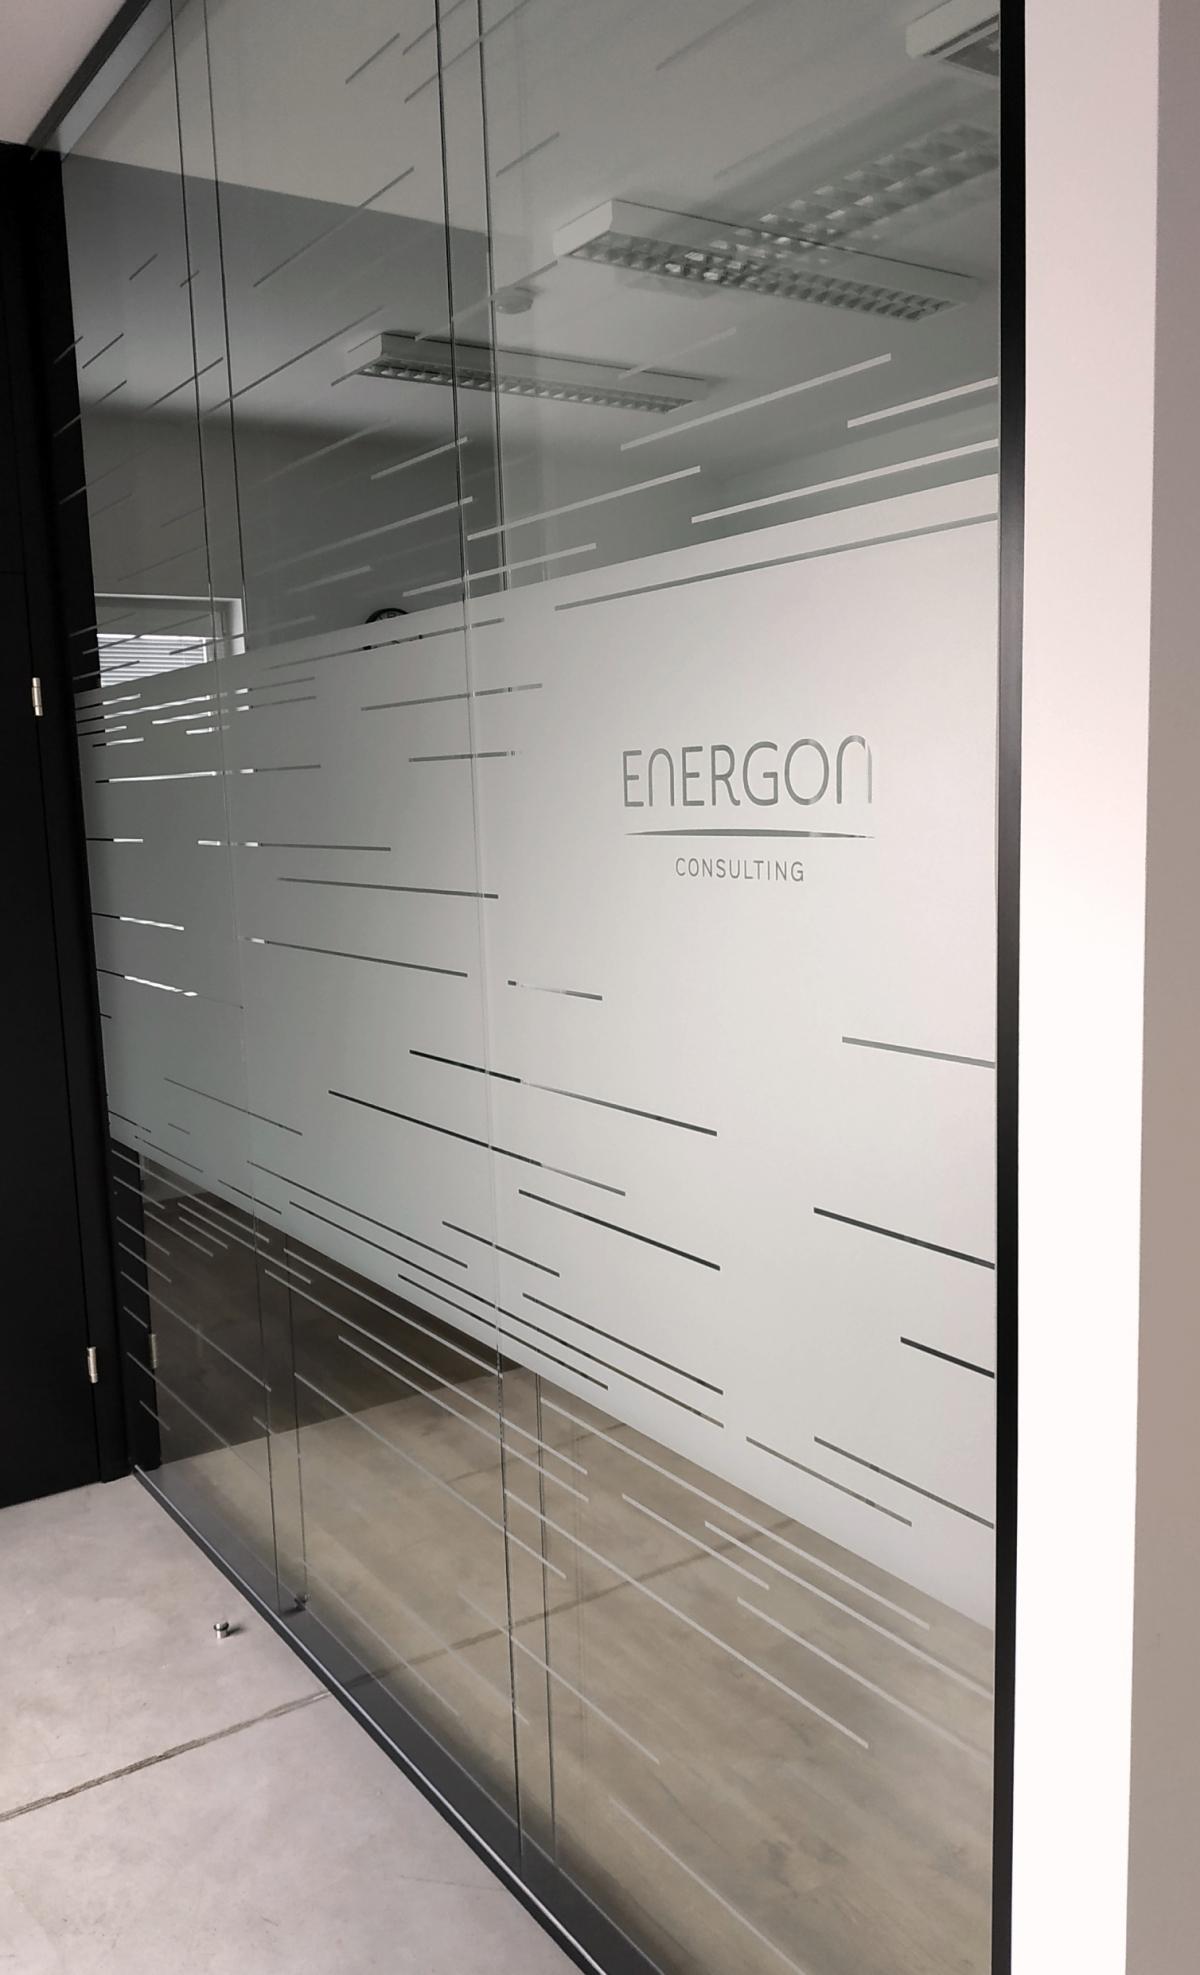 Energon Dobříš - Polep skleněných výplní v interiéru - imitace pískovaného skla